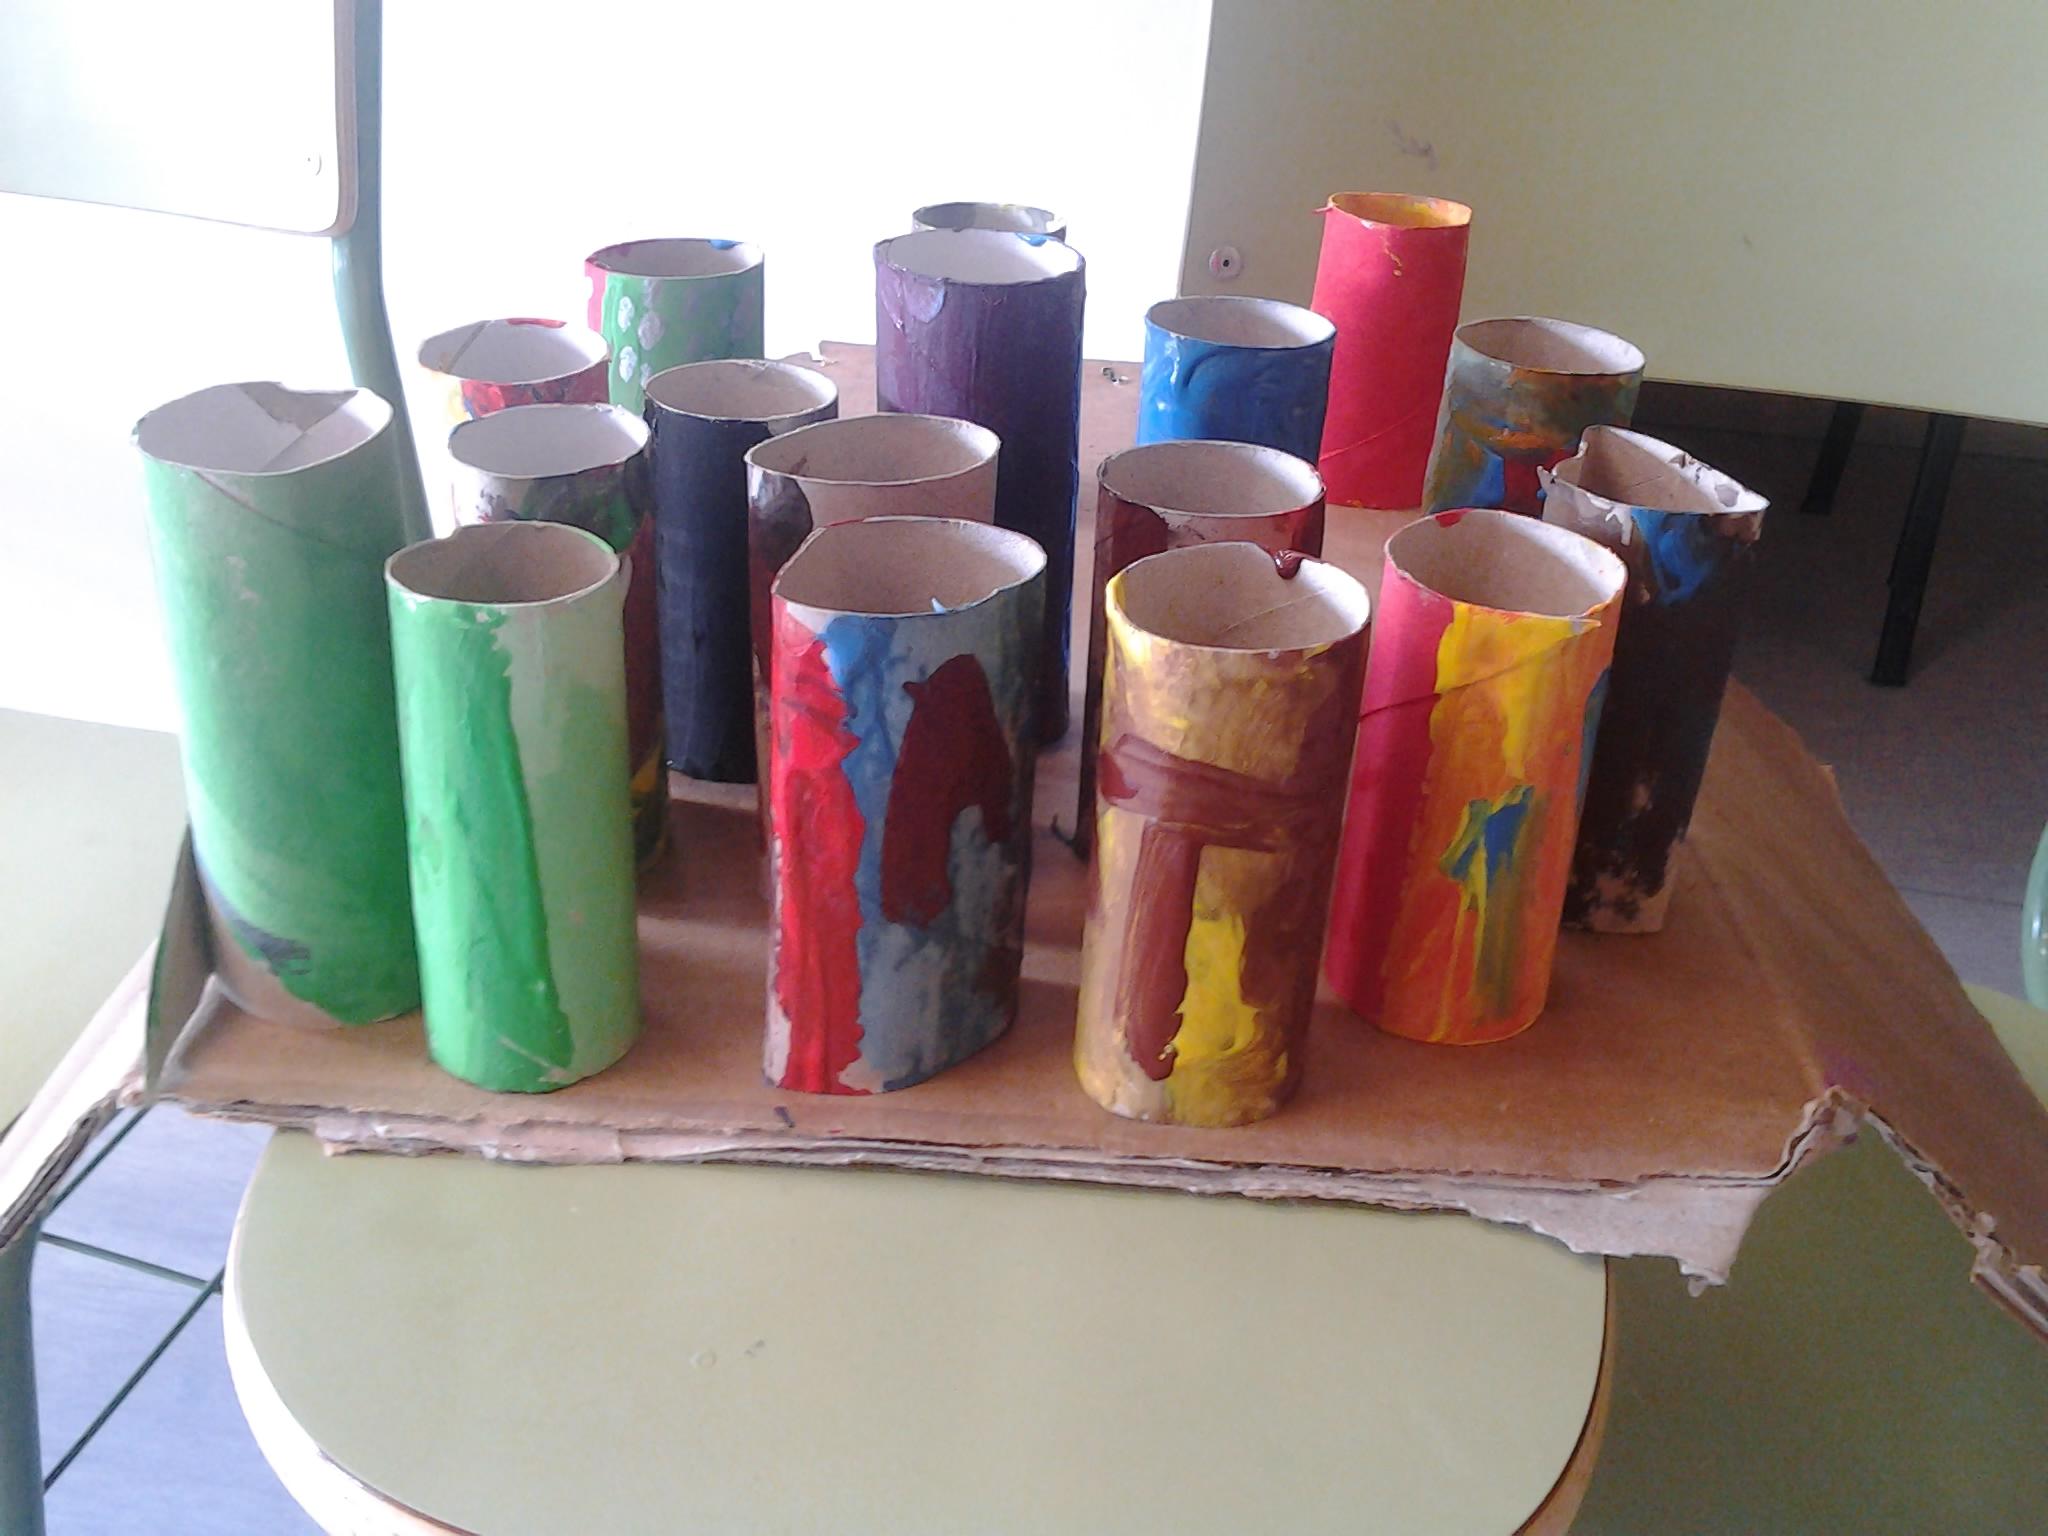 lapiceros rollos de papel higienico